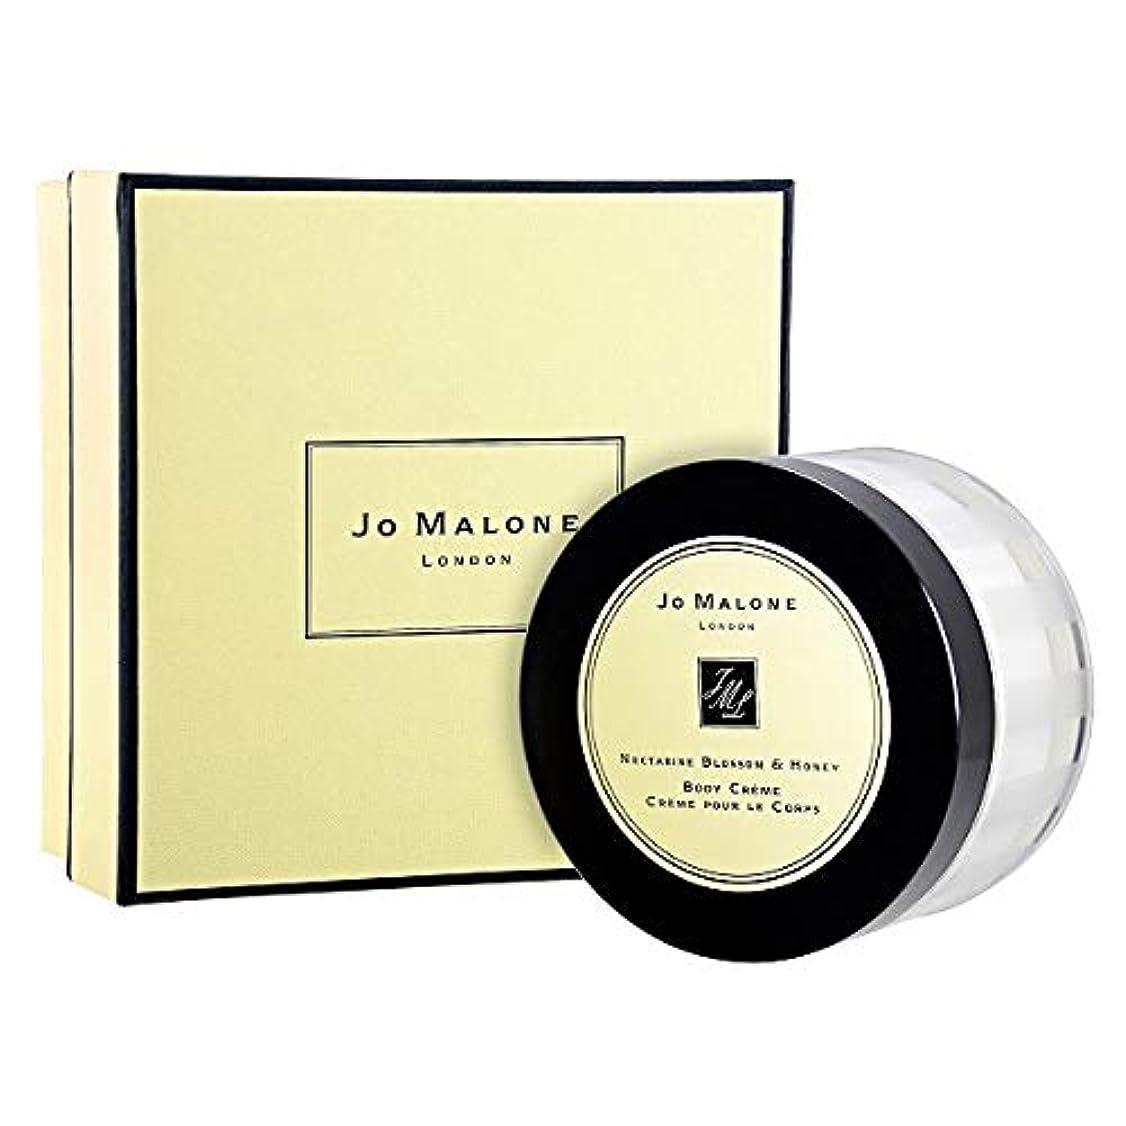 タウポ湖乳白色バルセロナジョーマローン JO MALONE ネクタリンブロッサム&ハニーボディクレーム 175ml [並行輸入品]